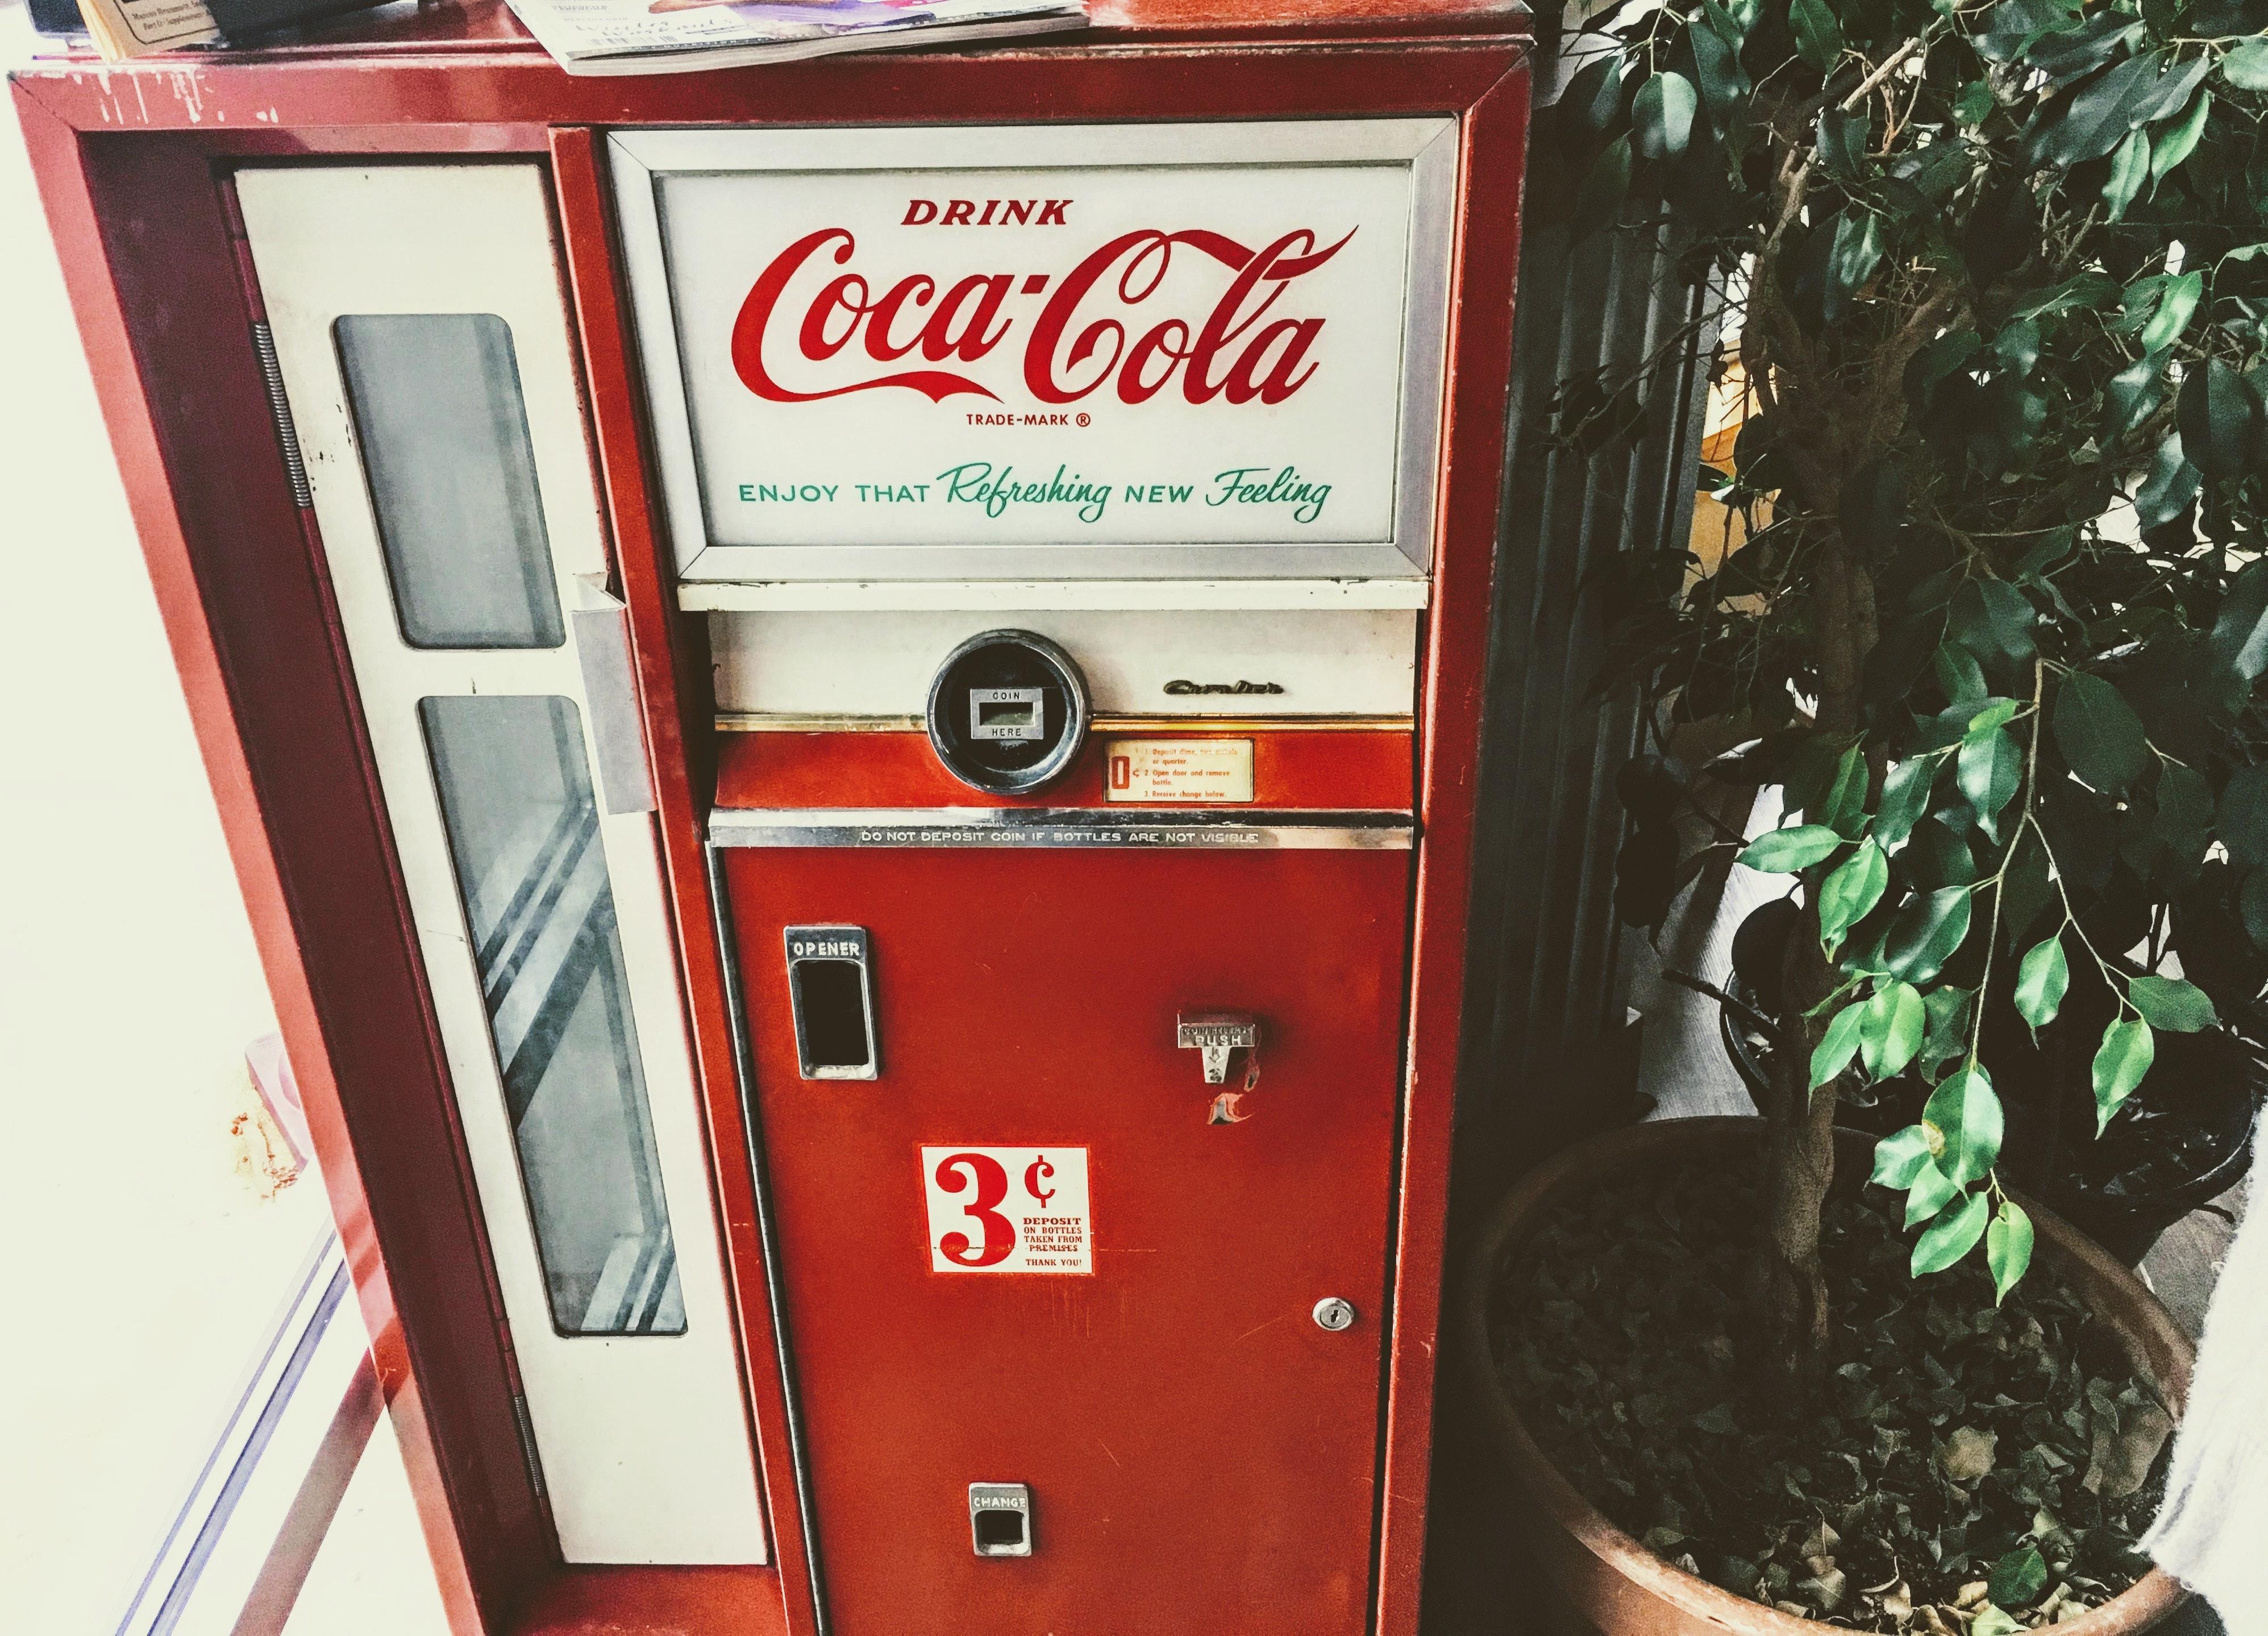 Red and White Coca-cola Vending Machine, Business, Close-up, Coca cola, Conceptual, HQ Photo